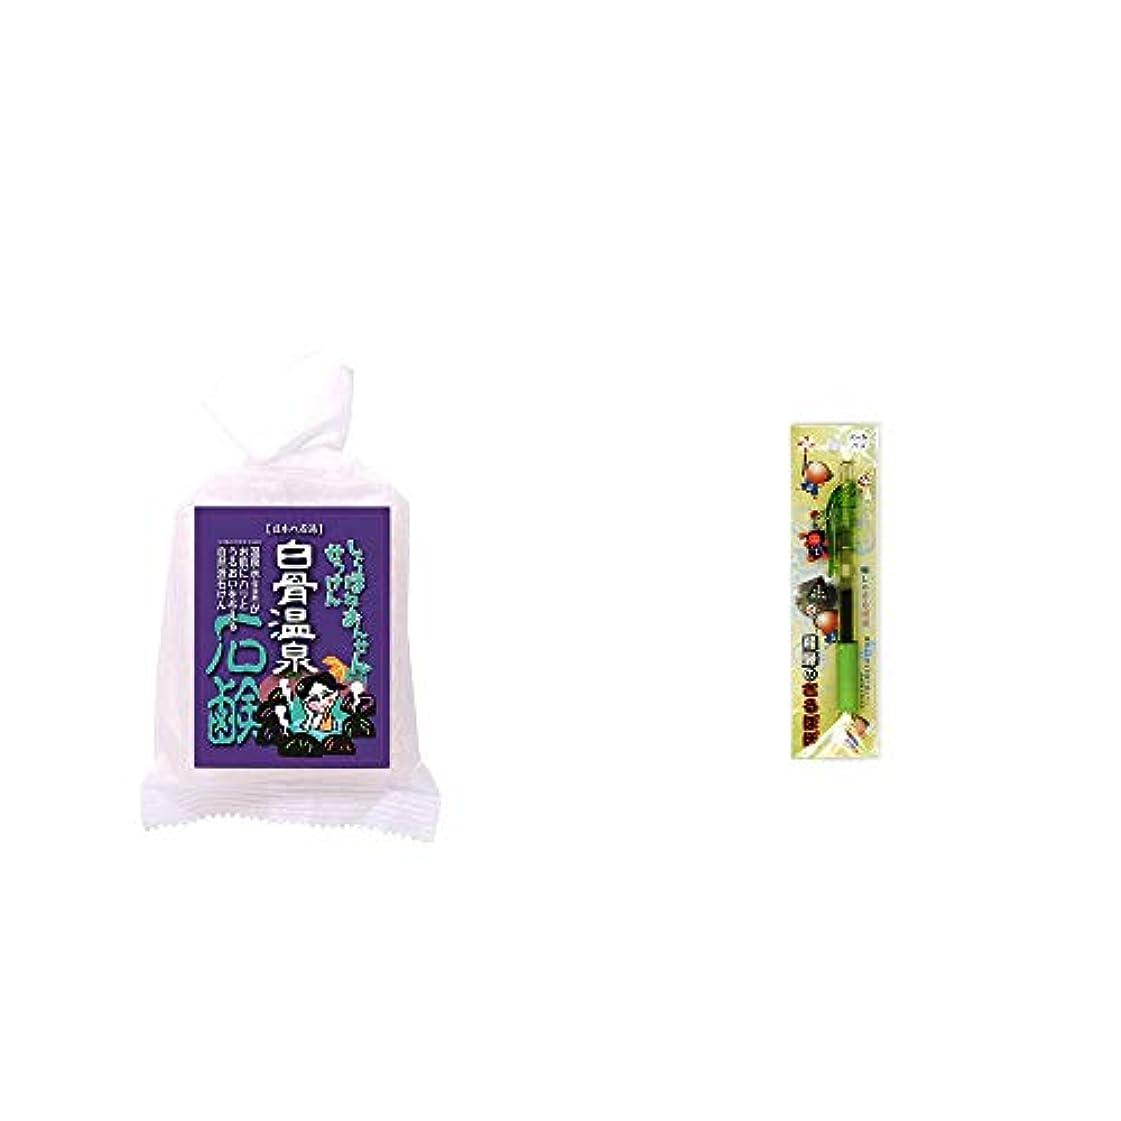 ナイロン現象絶滅させる[2点セット] 信州 白骨温泉石鹸(80g)?さるぼぼ 癒しボールペン 【グリーン】